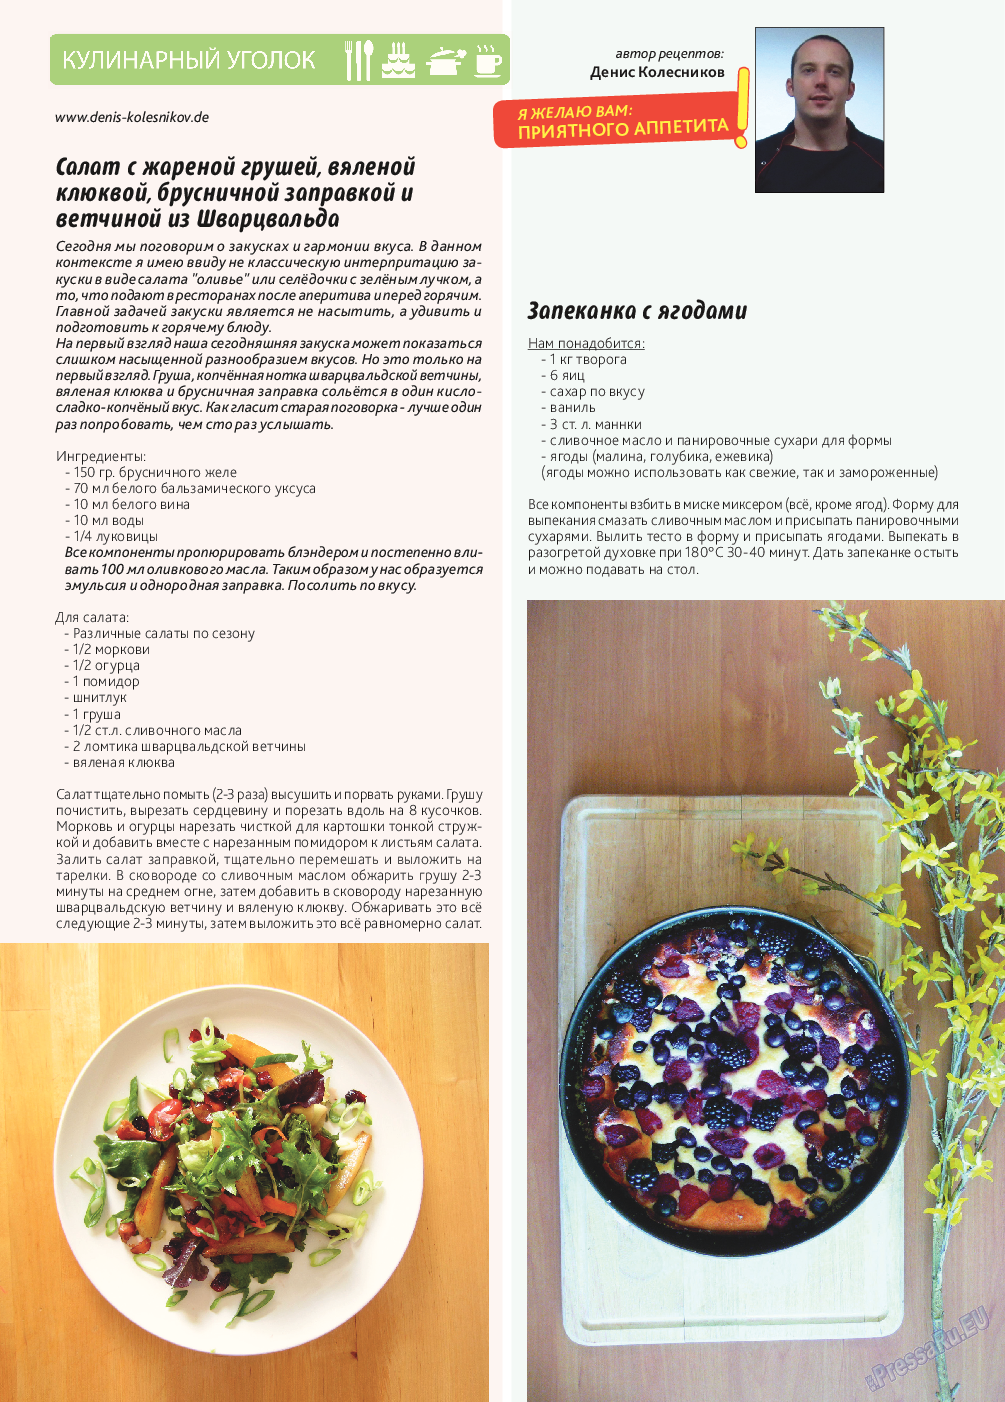 Афиша Augsburg (журнал). 2015 год, номер 3, стр. 20